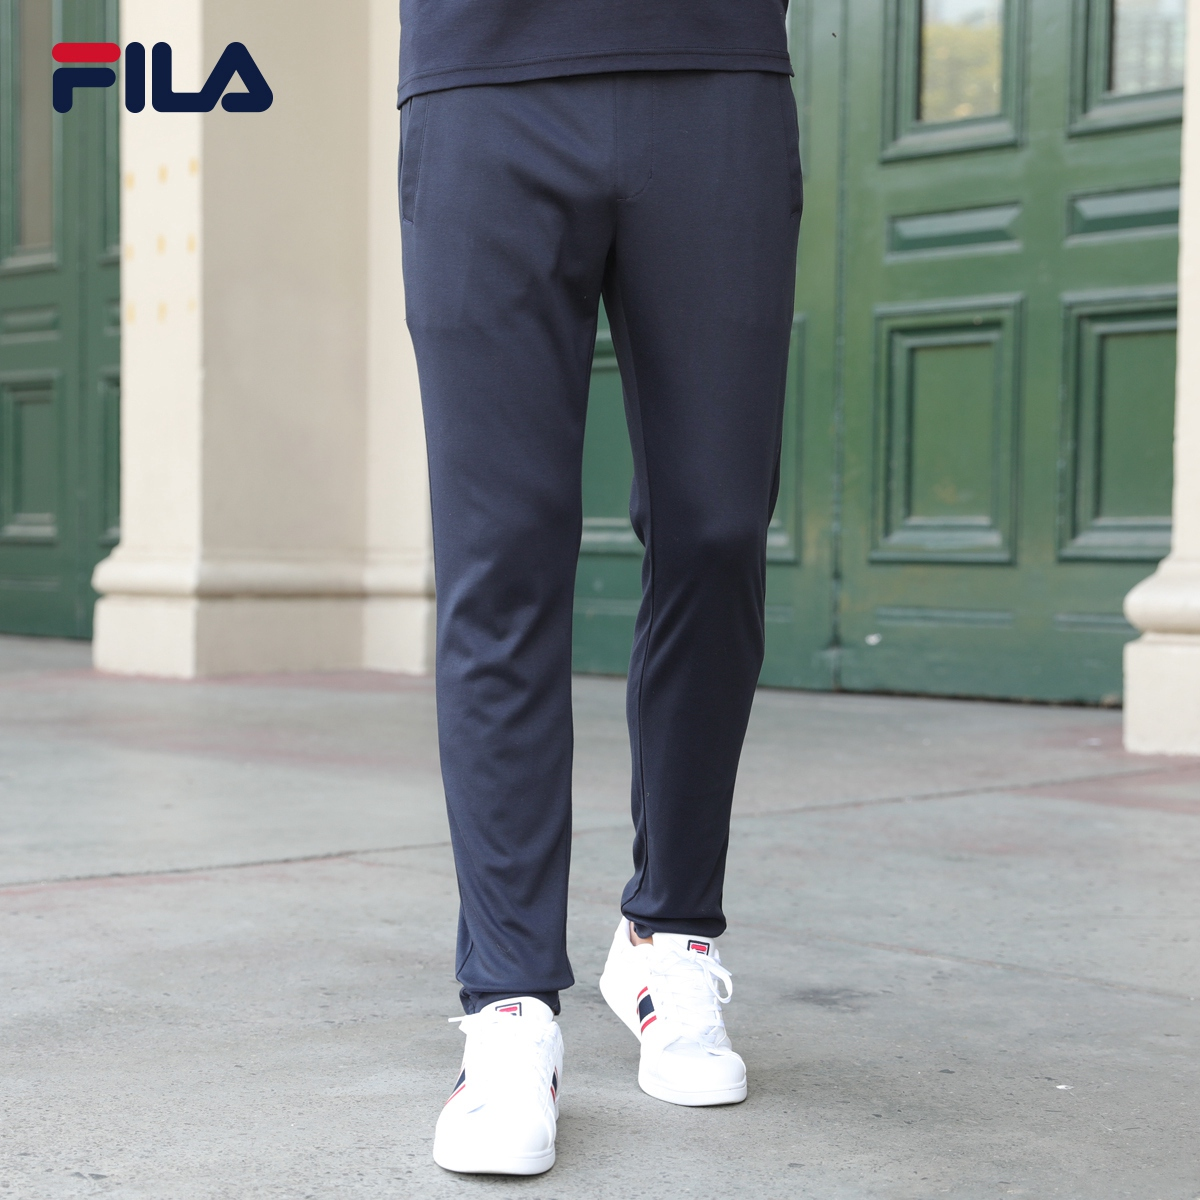 FILA斐乐长裤男直筒裤2018夏季商务吸湿透气针织运动休闲长裤男裤